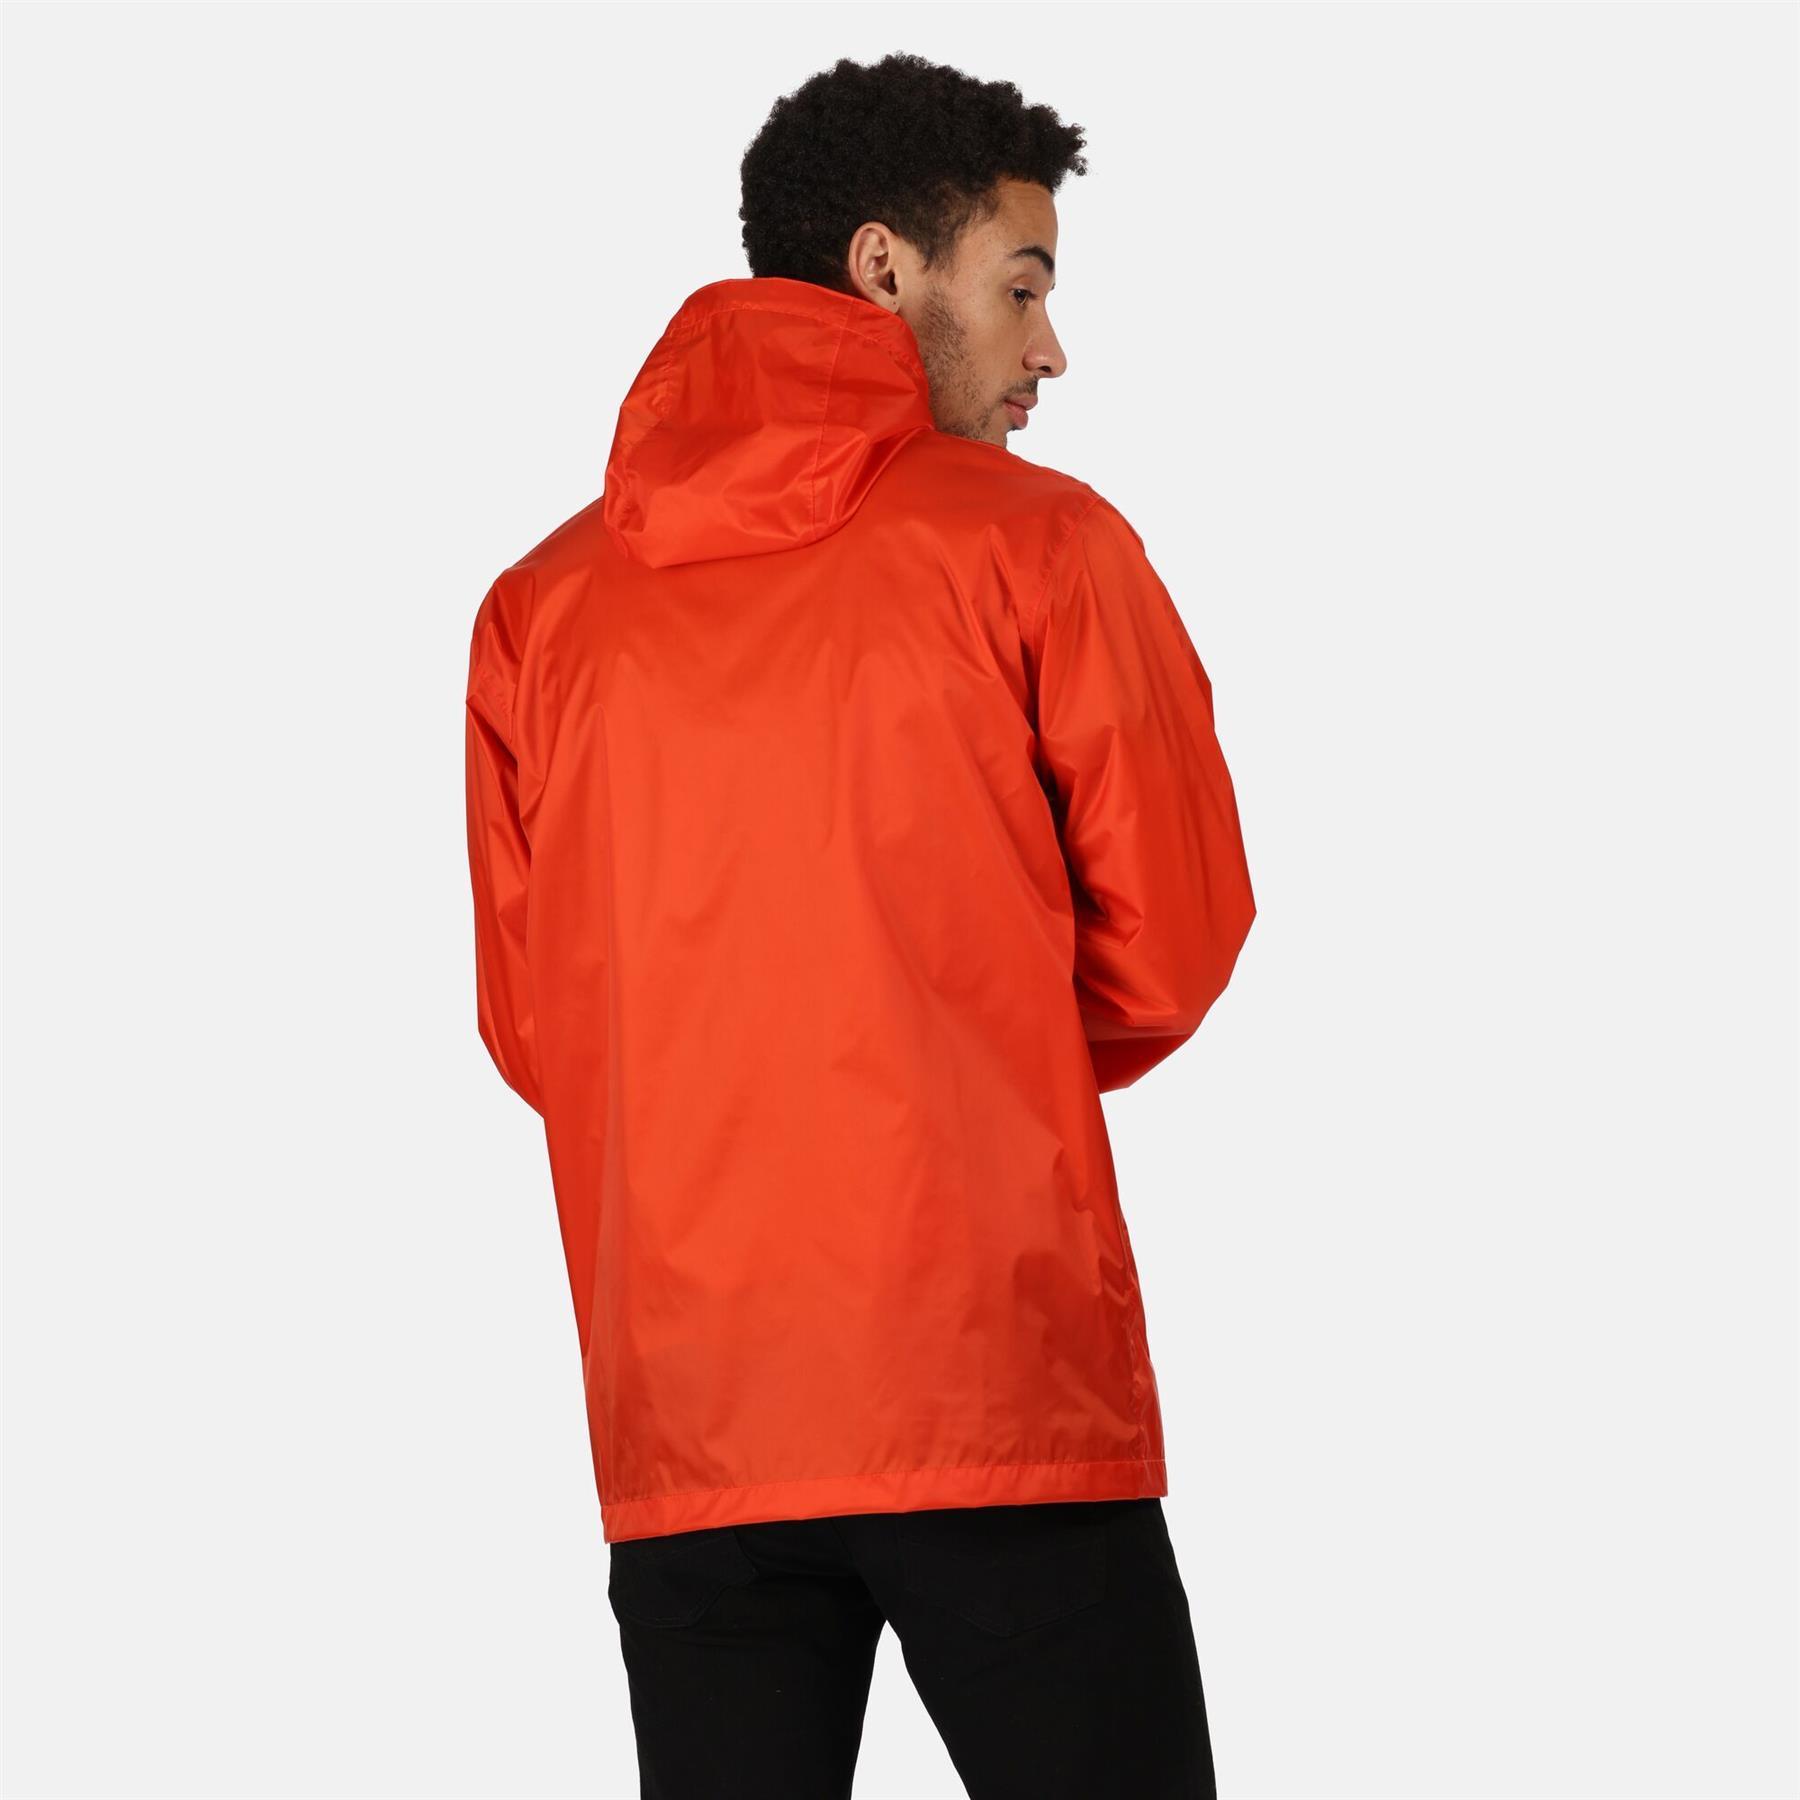 miniatuur 17 - Regatta Mens Pack-it In a bag Packable Waterproof Jacket Outdoor Pack a mac